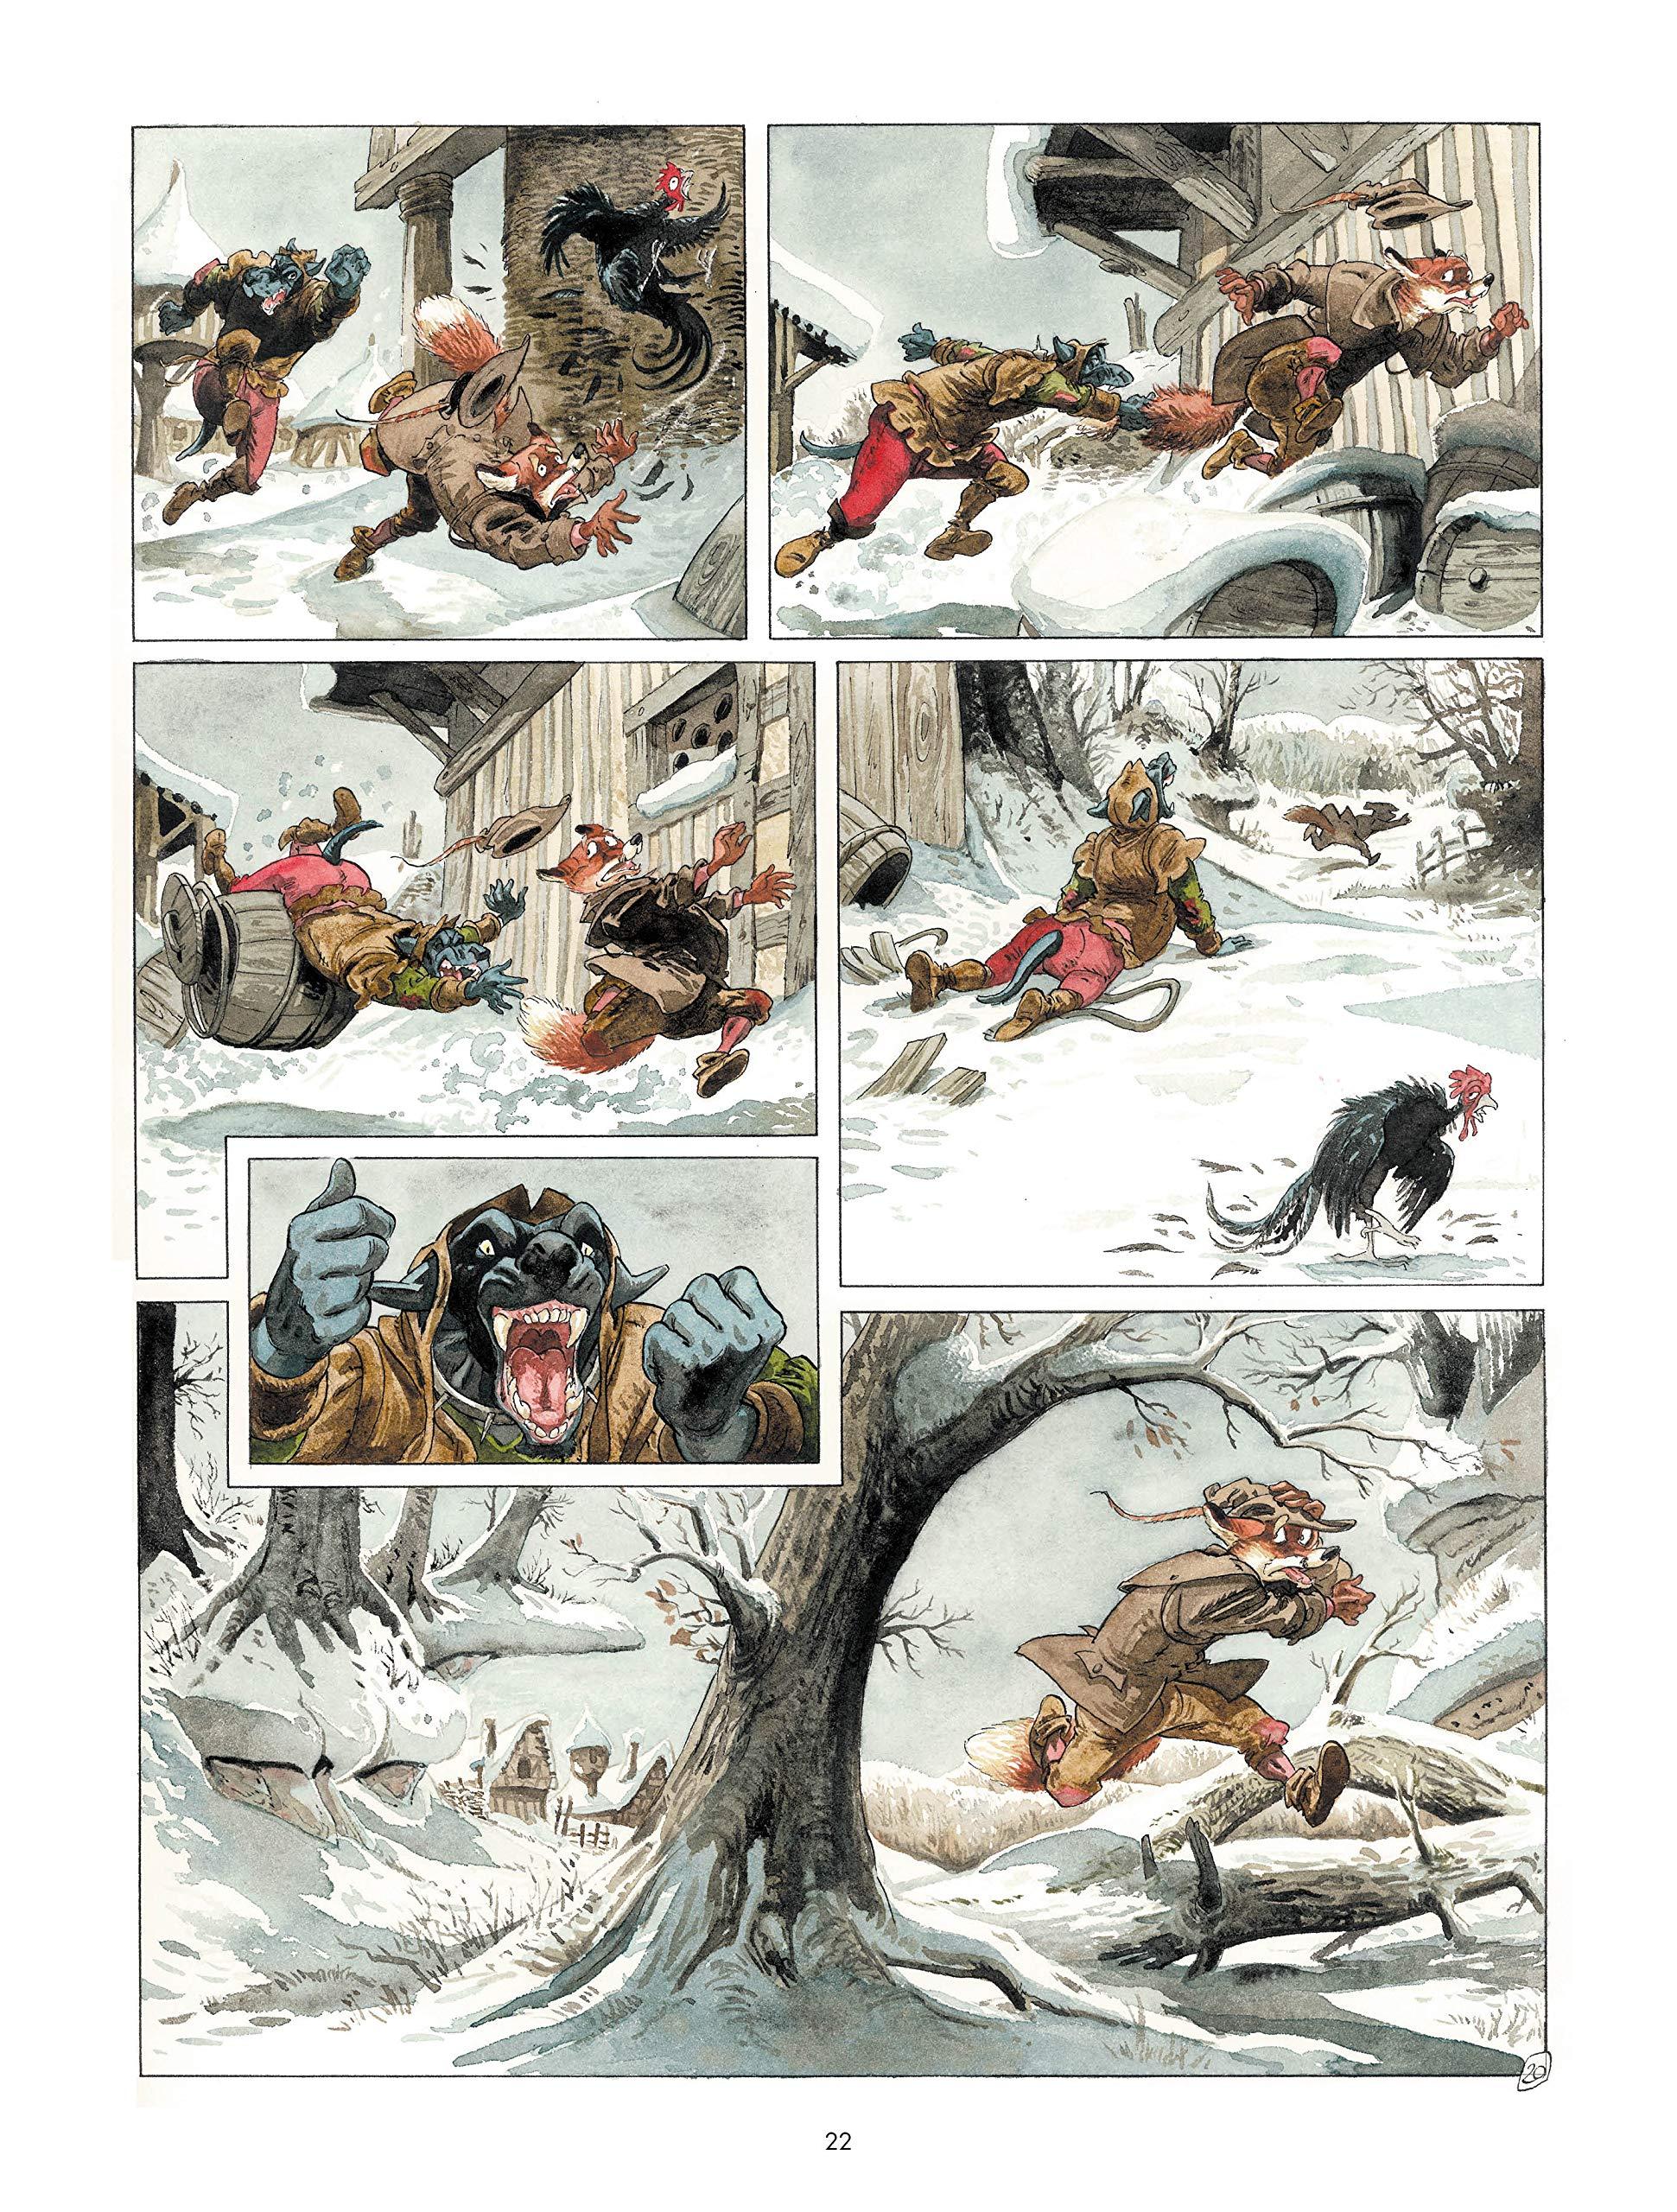 Amazon.fr - Vagabondage en contrées légendaires - tome 01 - Tracnar et  Faribol - du Peloux, du Peloux - Livres